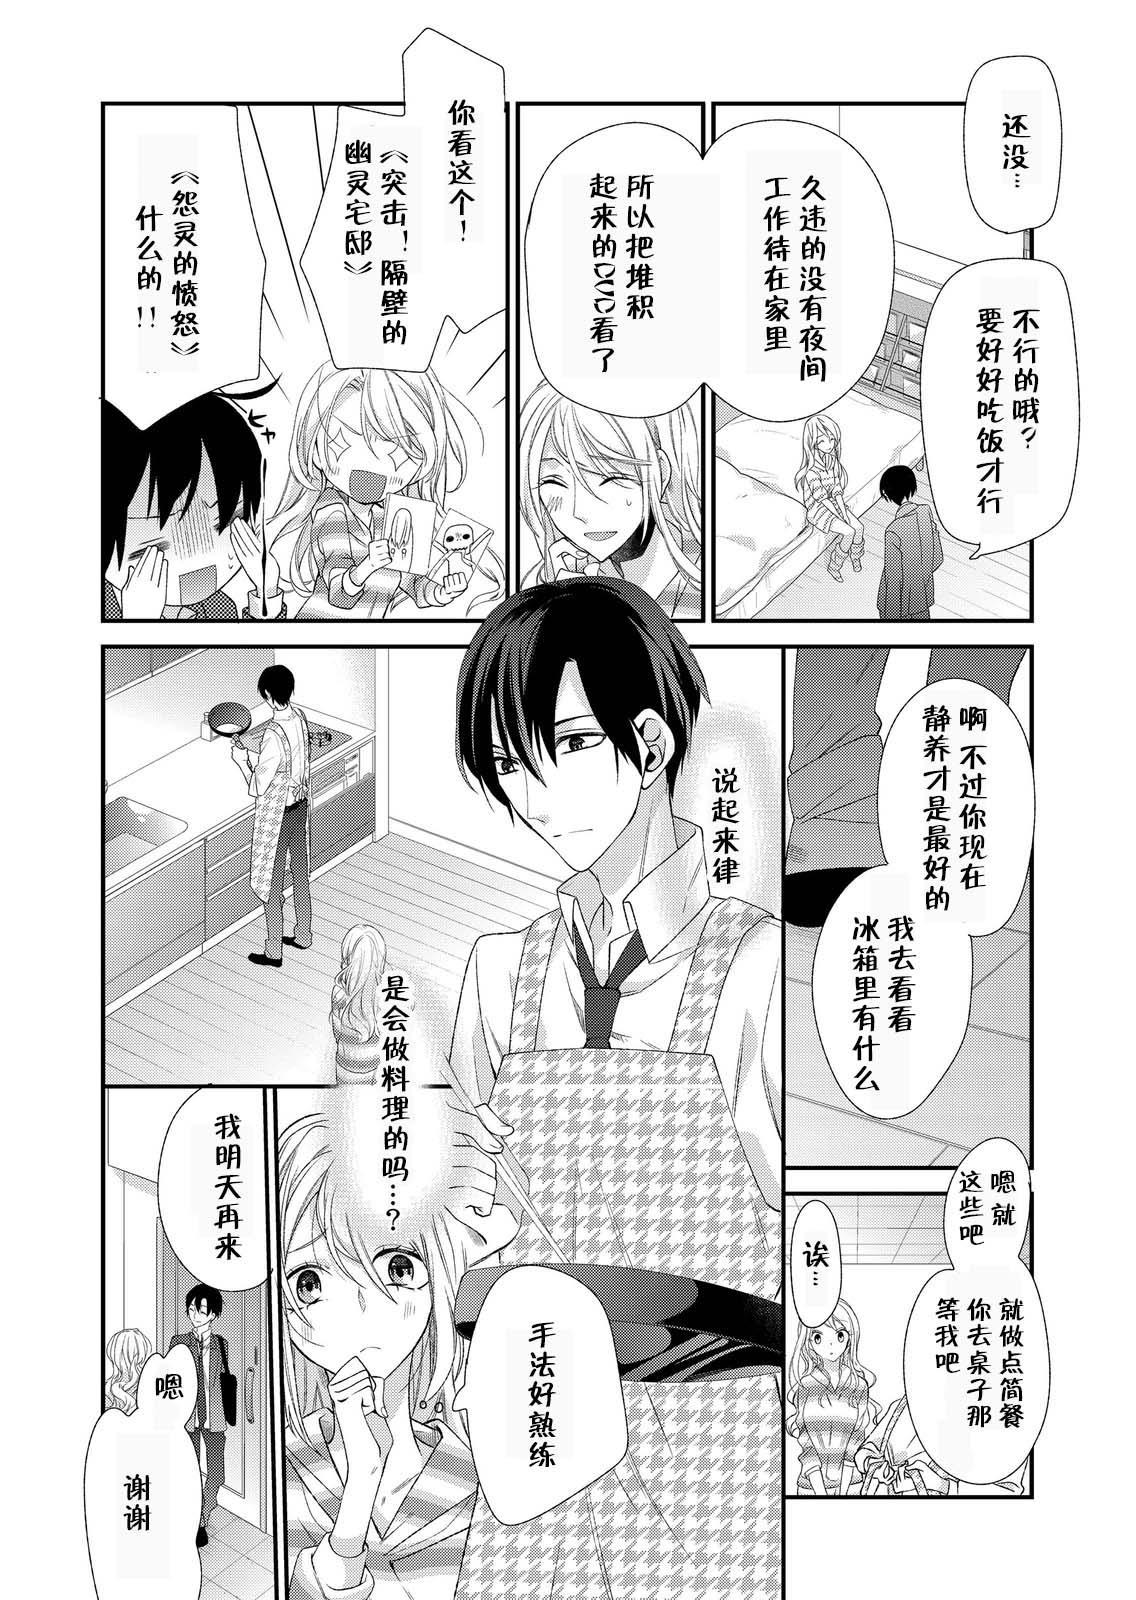 Kioku Sousitsu!? Watashi no Kareshi ha Docchi? Karada de Tameshite・・・ | 失忆!?我的男朋友到底是谁?用身体来确认…Ch. 1-2 39